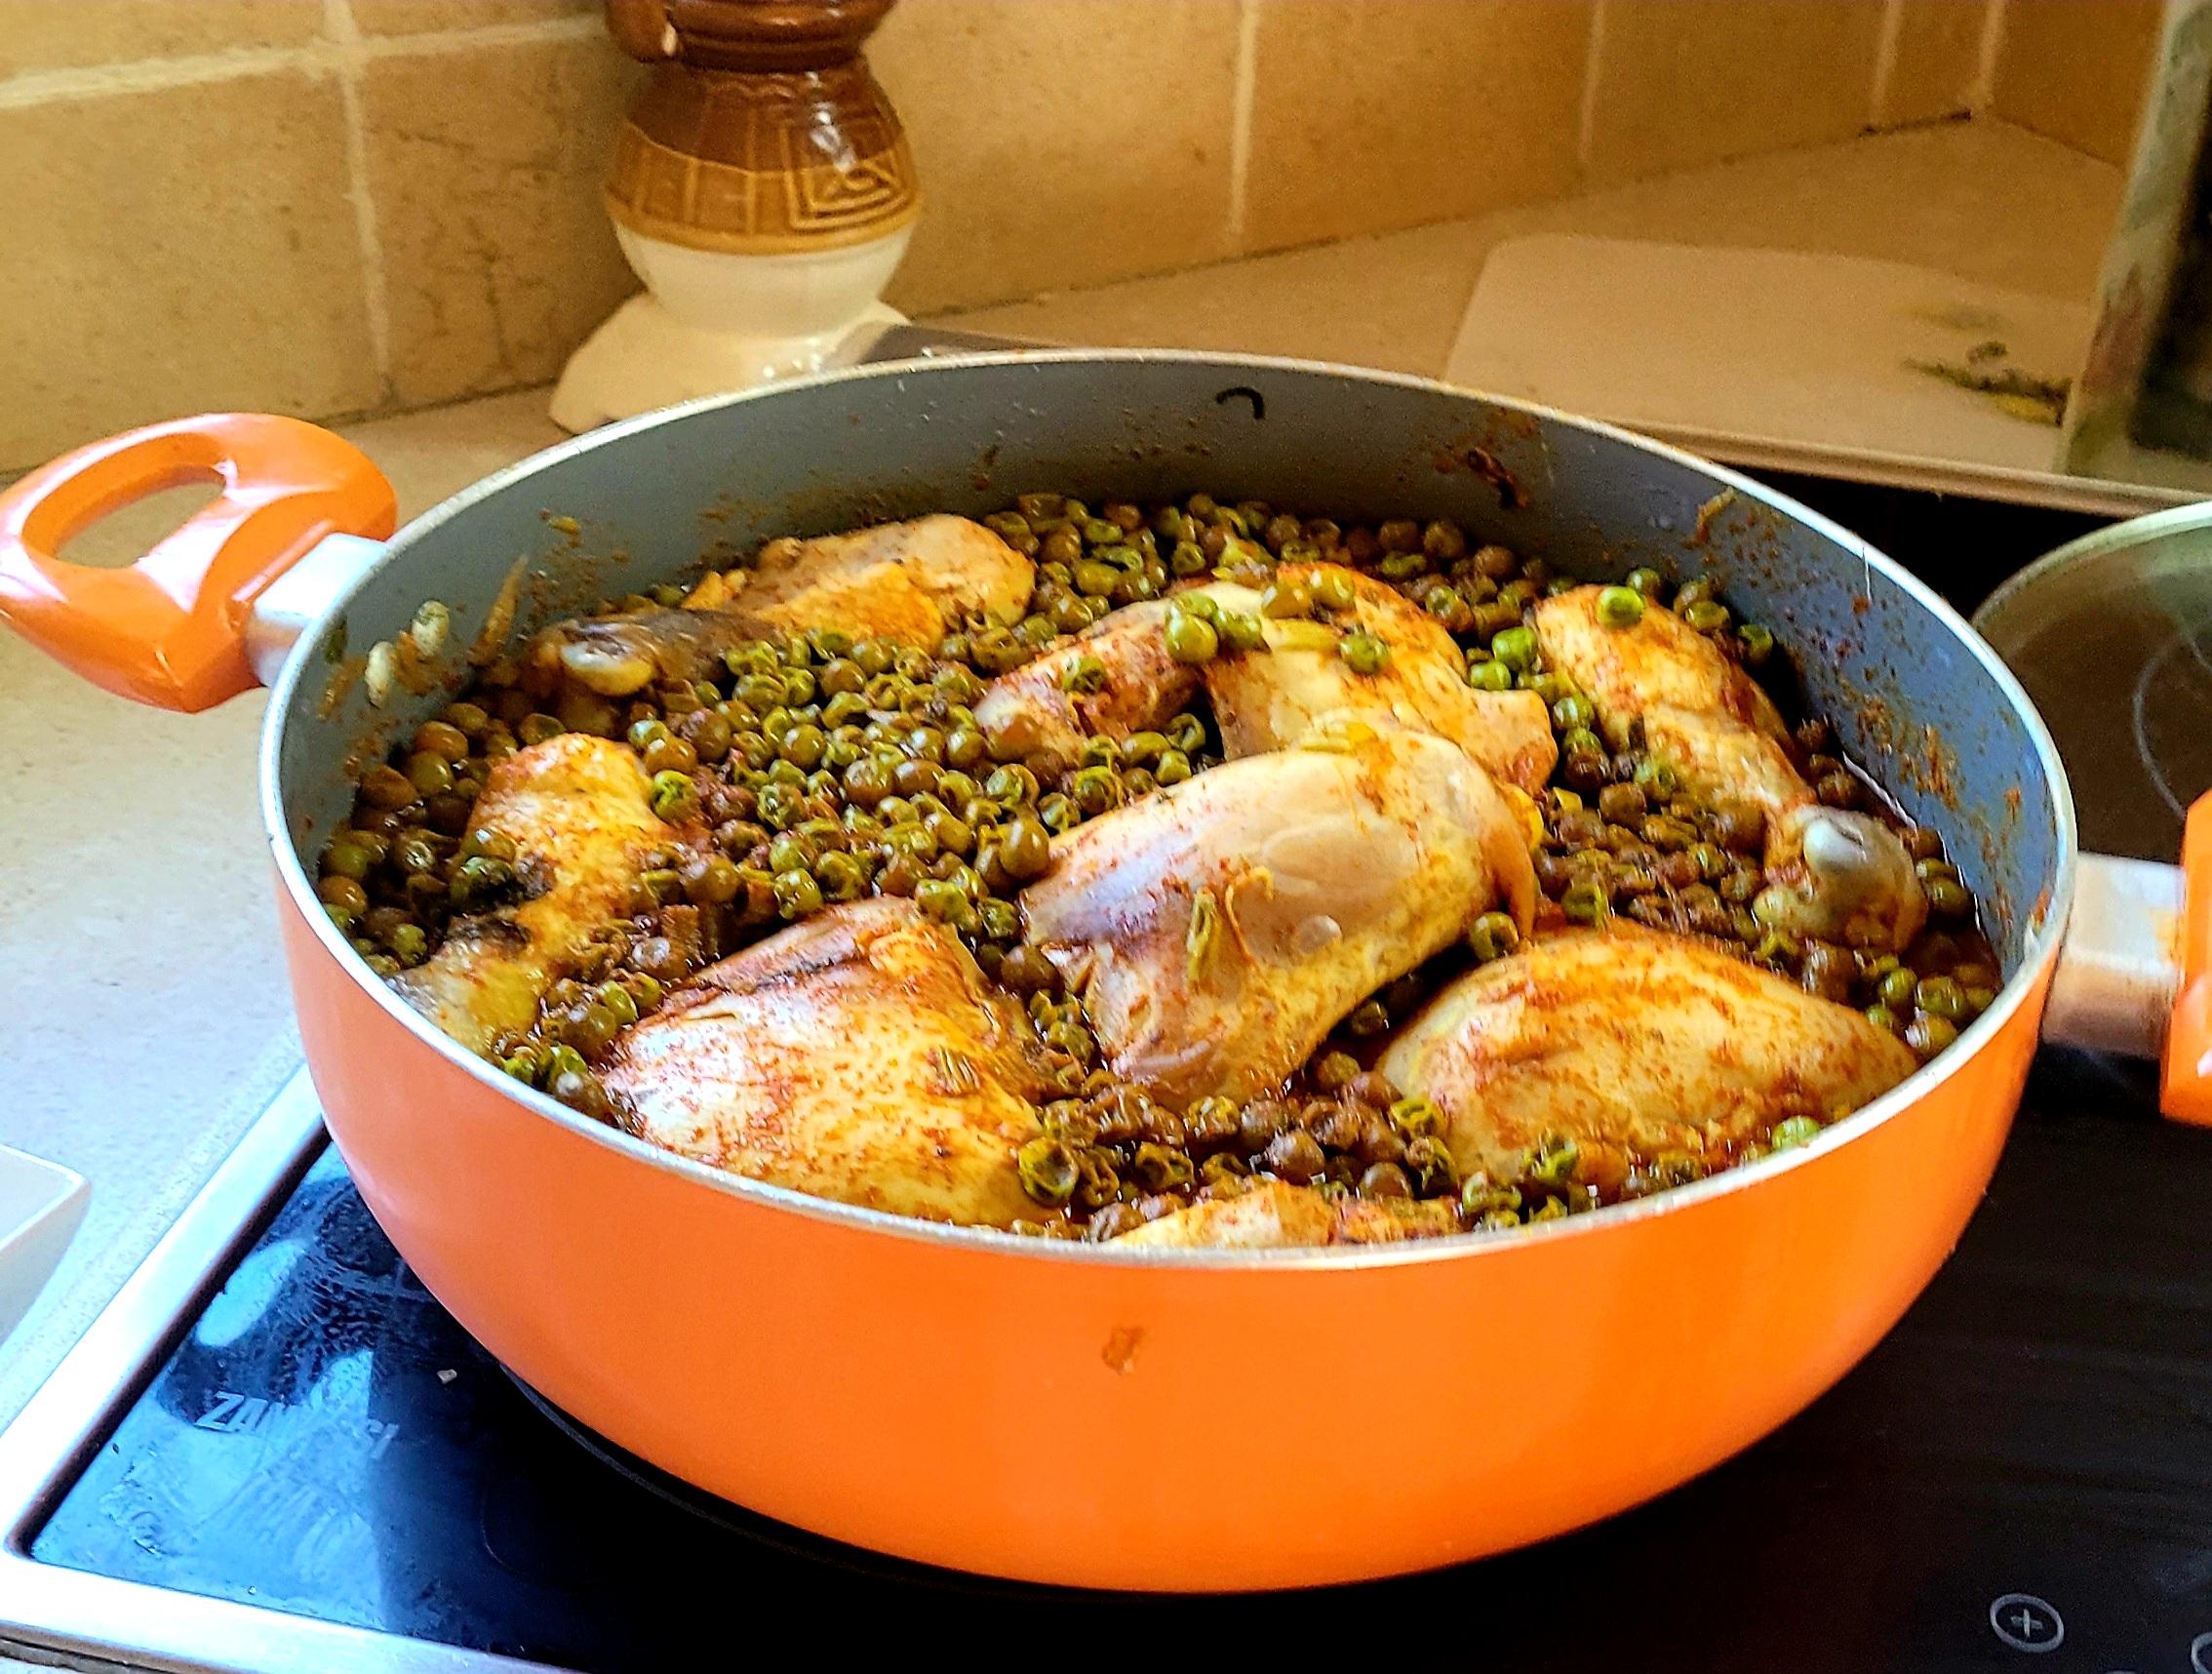 סיר עם תבשיל עוף ועפונה